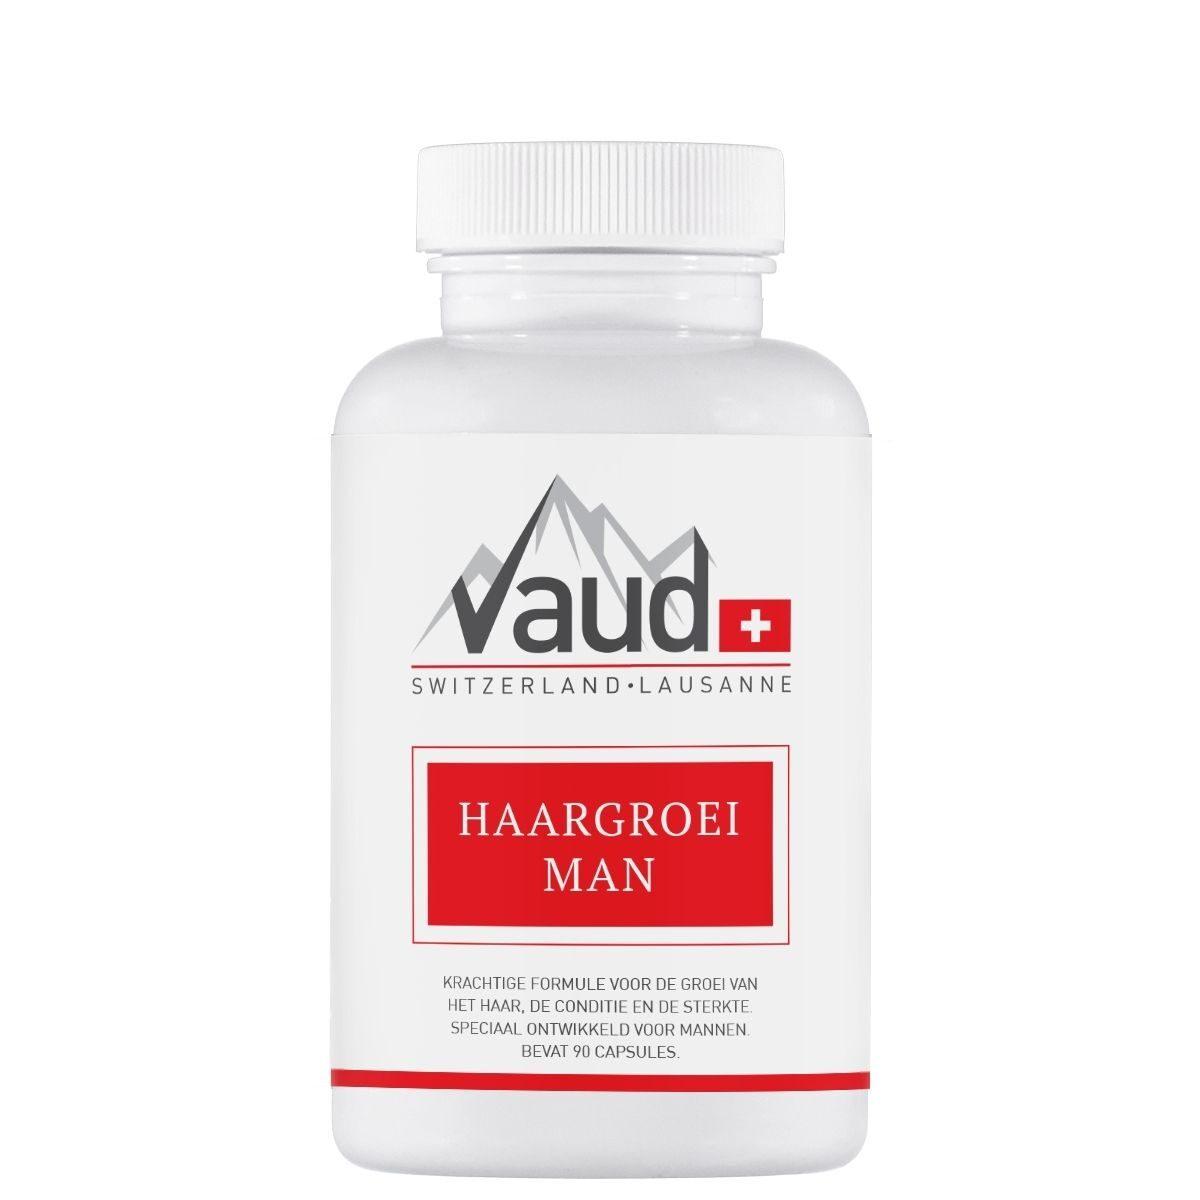 Haargroei-Man